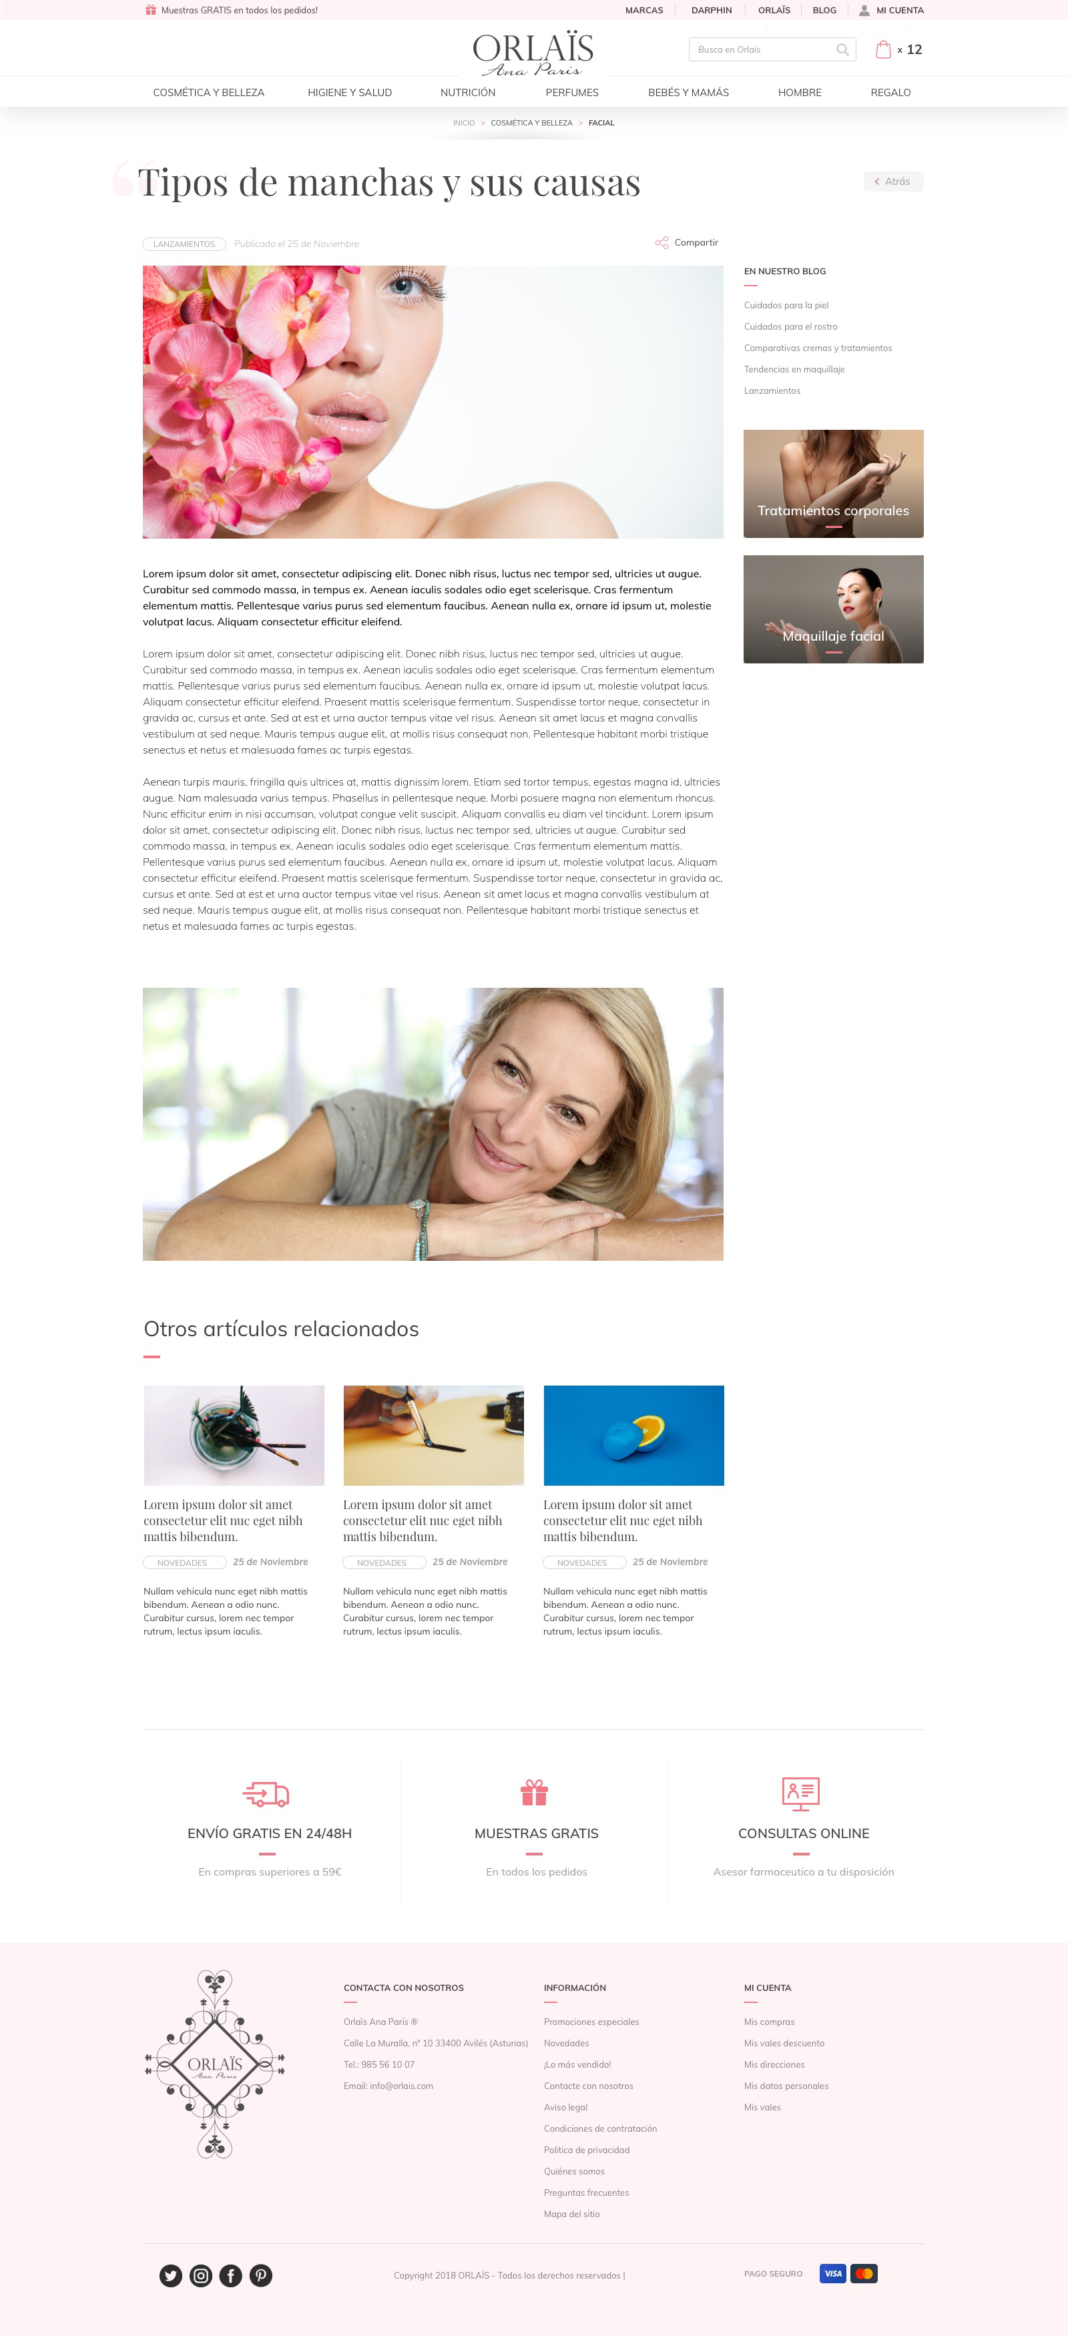 Orlais - diseño web, desarrollo ecommerce y estrategia seo